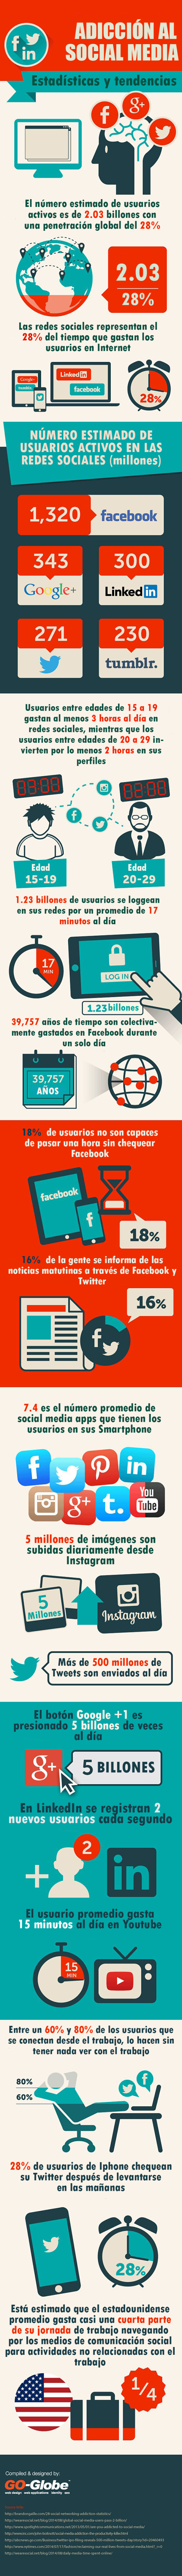 Adicción a las Redes Sociales